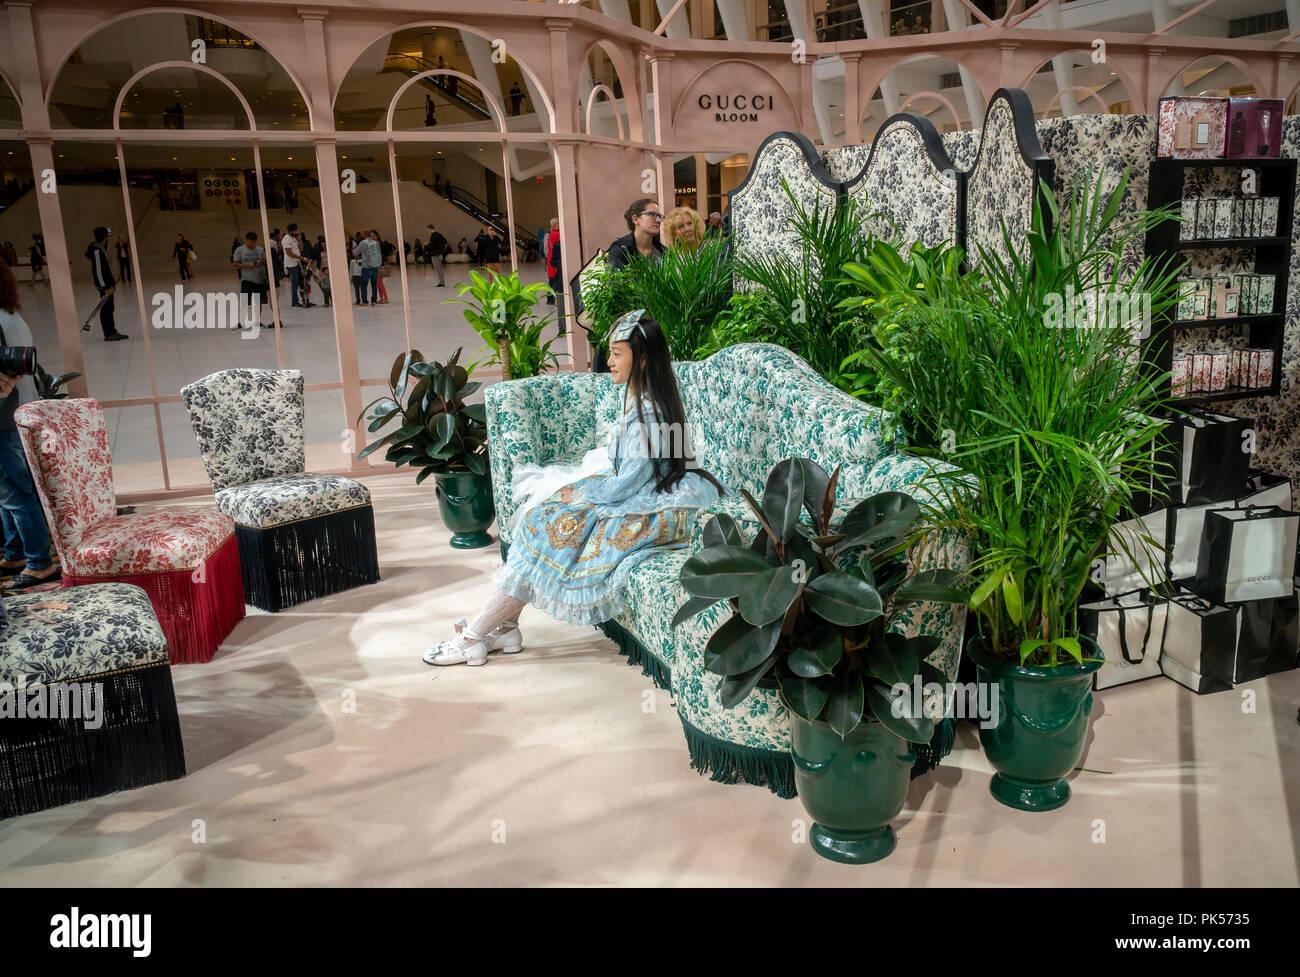 118ab55e2 Selfie furniture at a branding event for the fragrance Gucci Bloom Nettare  di Fiori attracts visitors